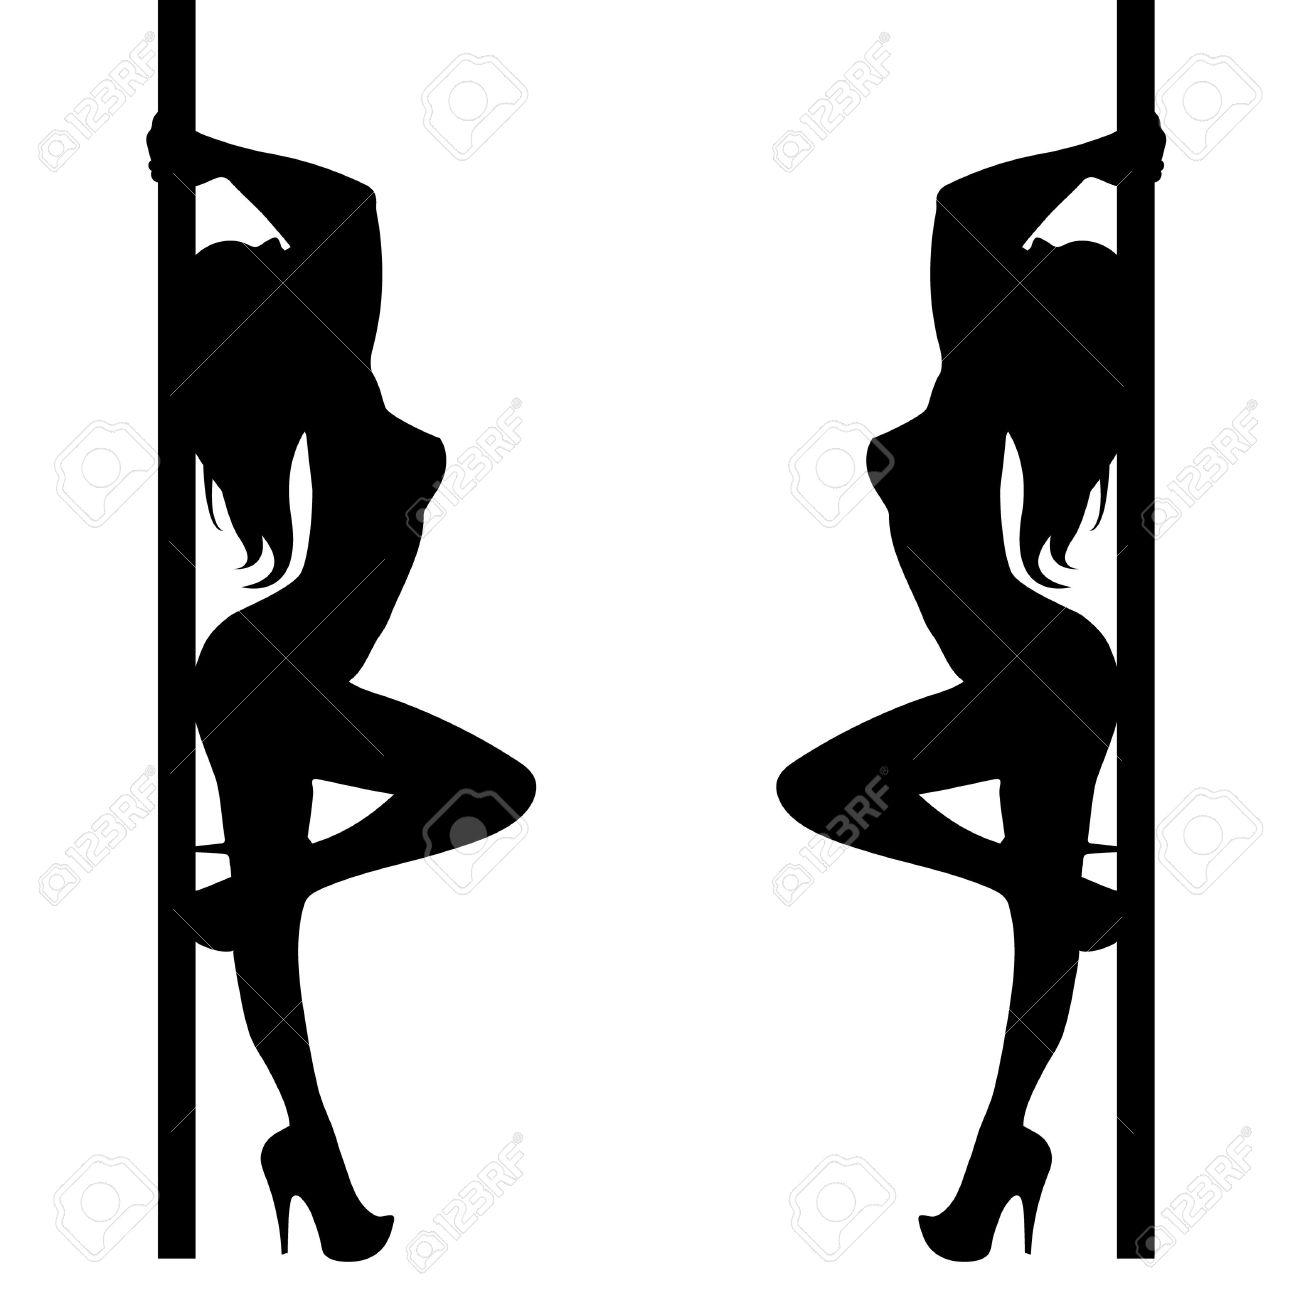 ポールの女の子イラスト ダンサー ストリップ ベクトル ストリッパー